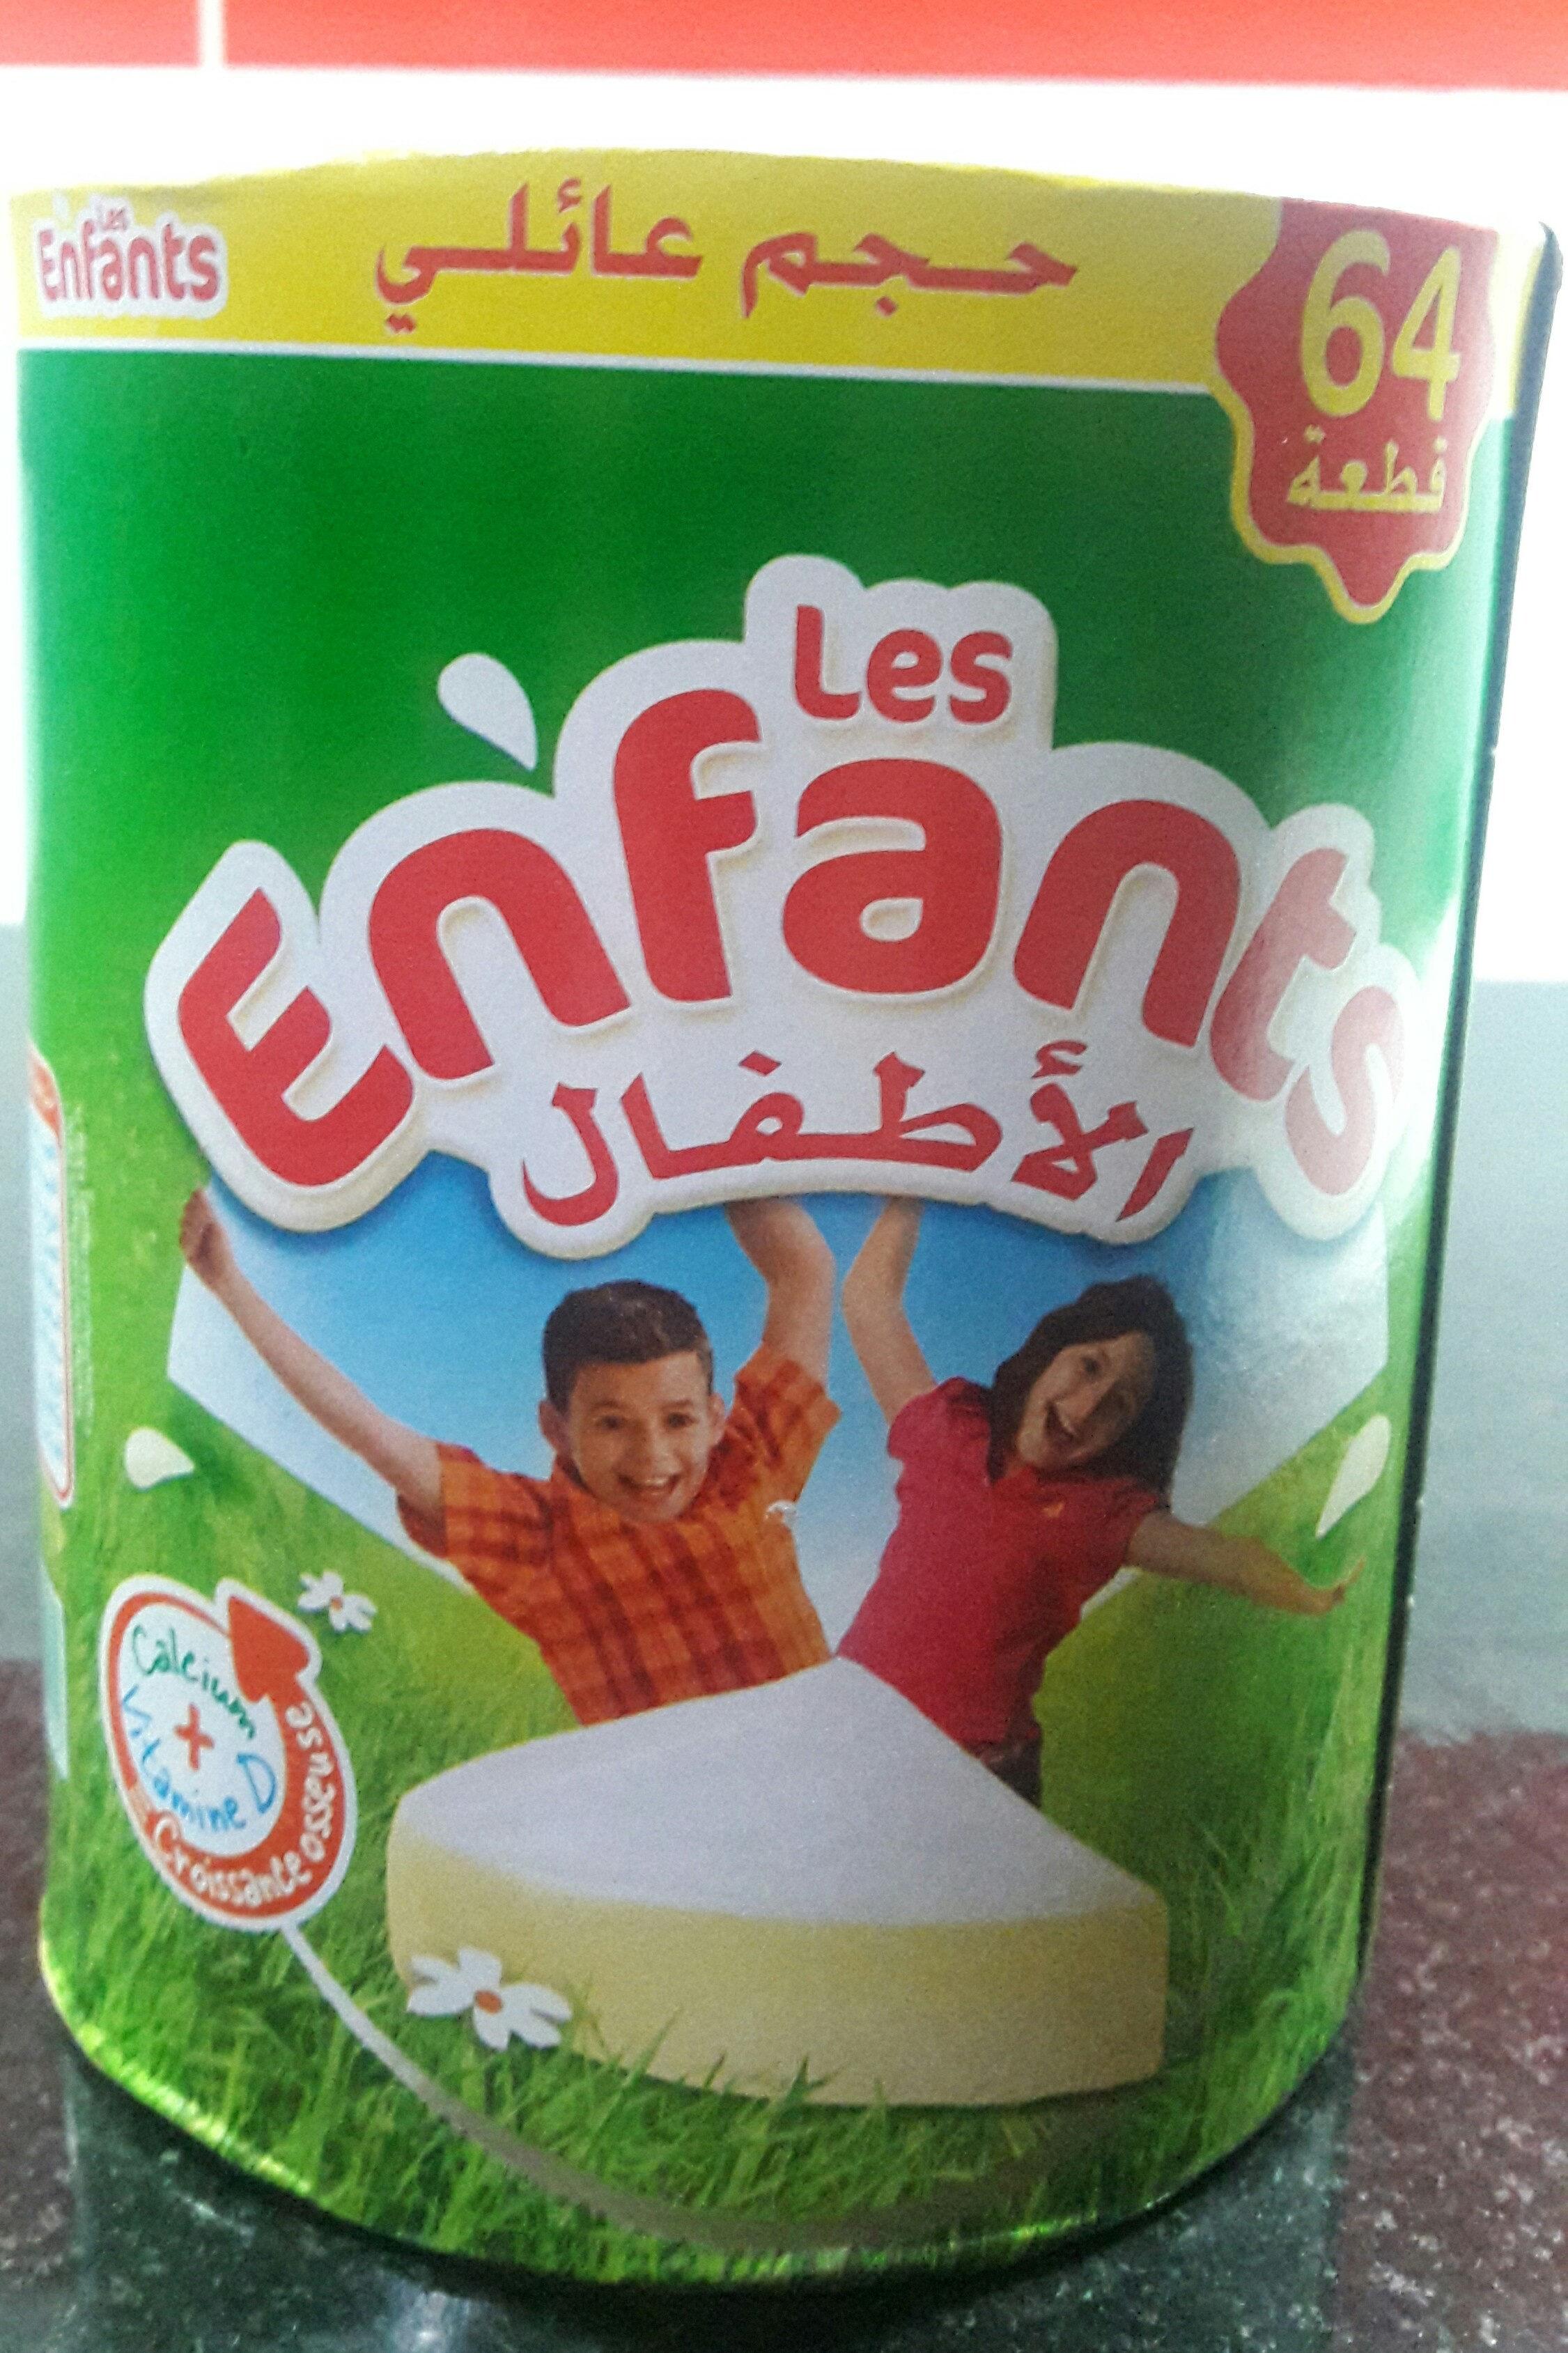 Les enfants fromage à tartiner, 64 piéces